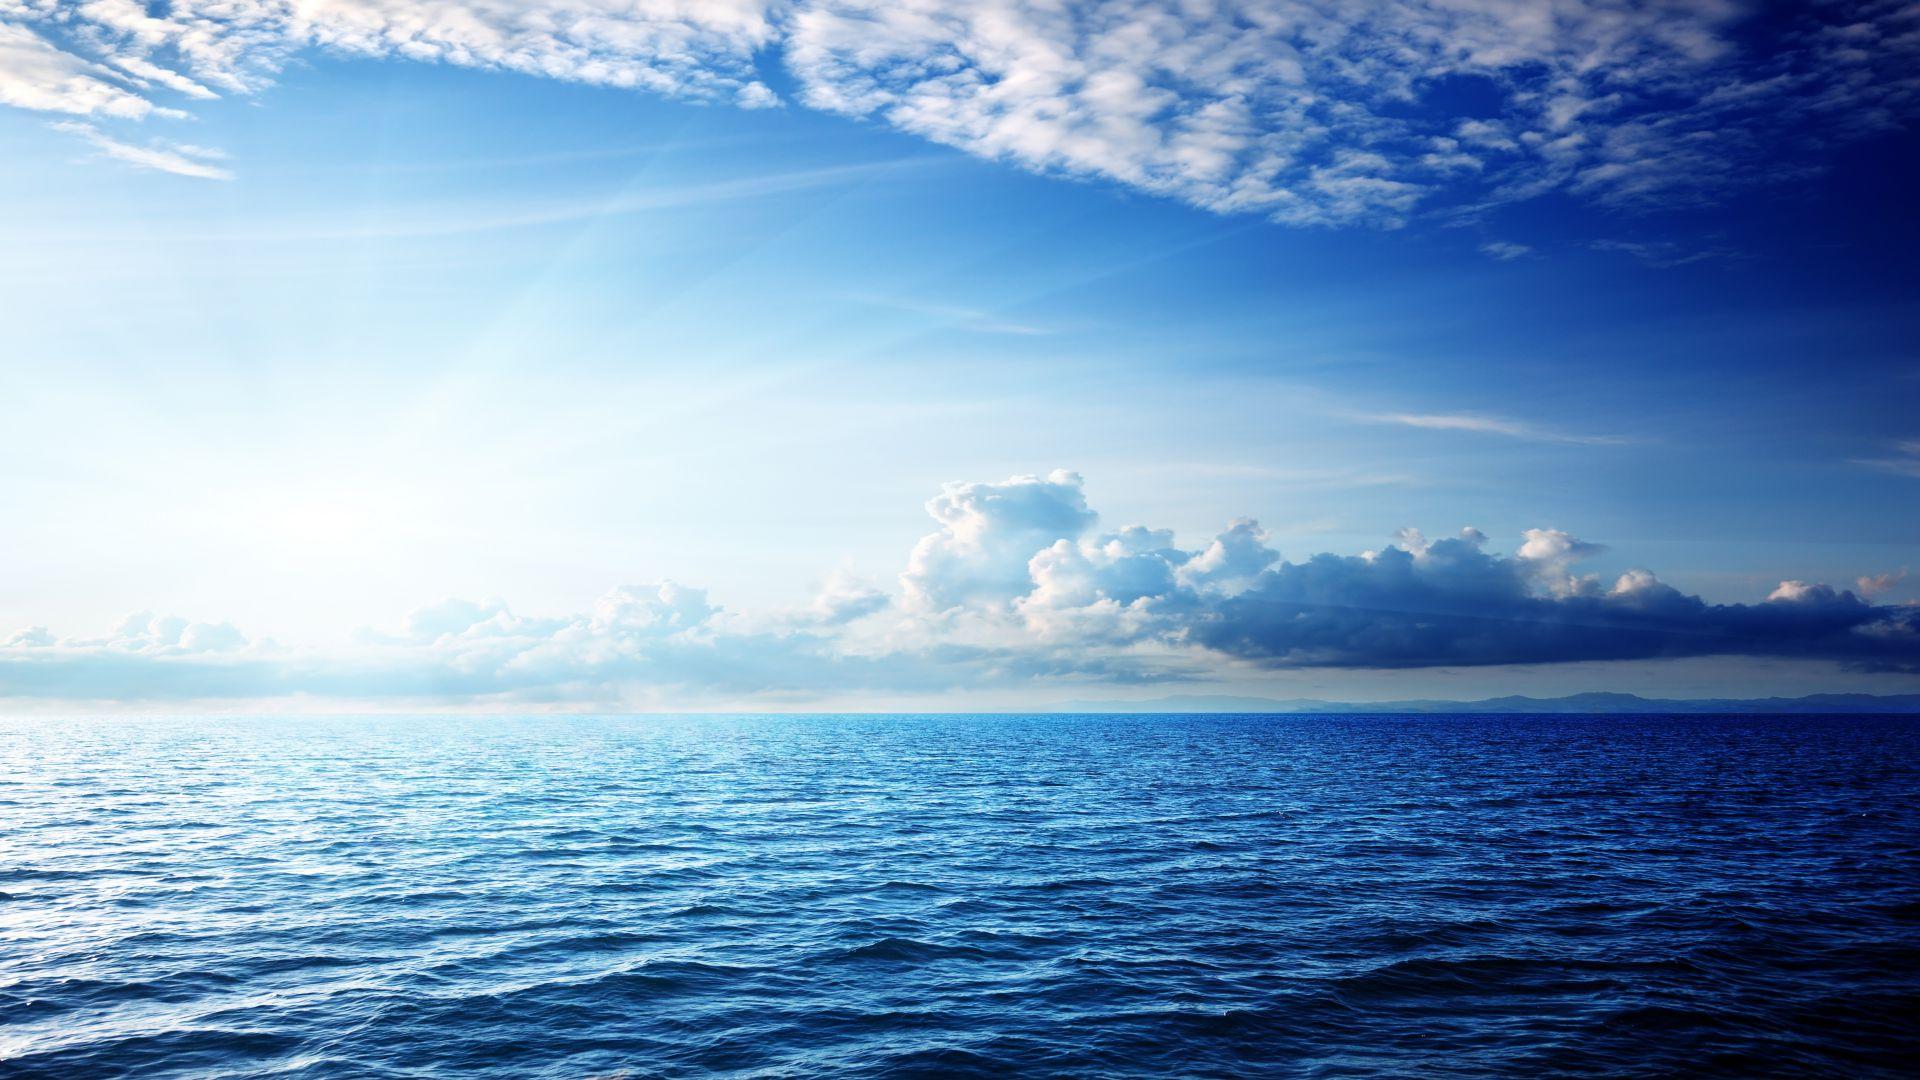 wallpaper sea 5k 4k wallpaper ocean sky clouds